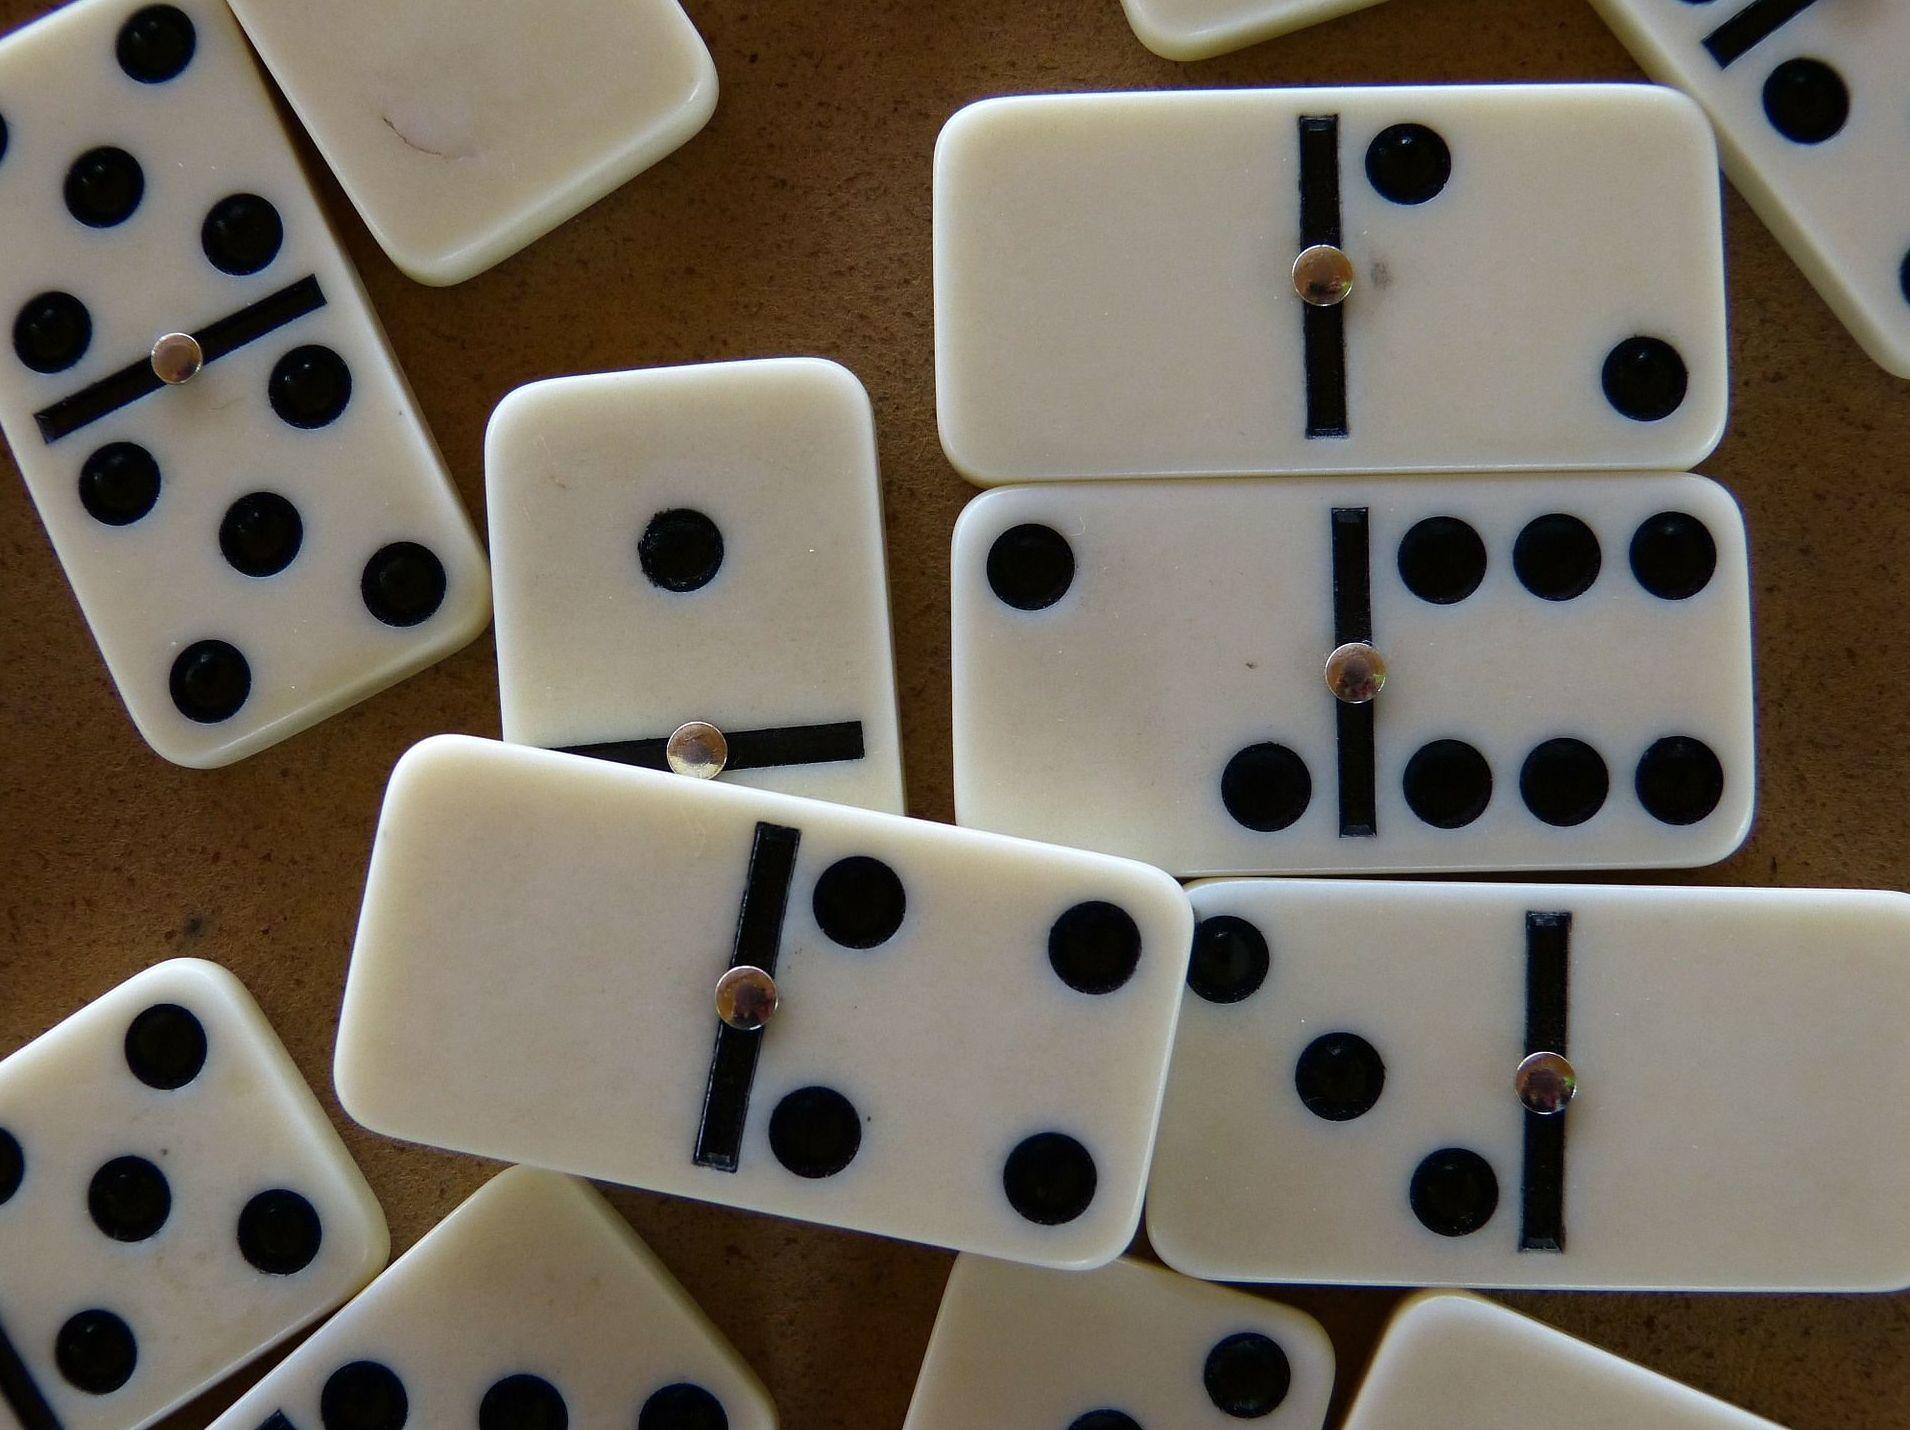 Juegos de mesa: Nuestro centro de Novoger